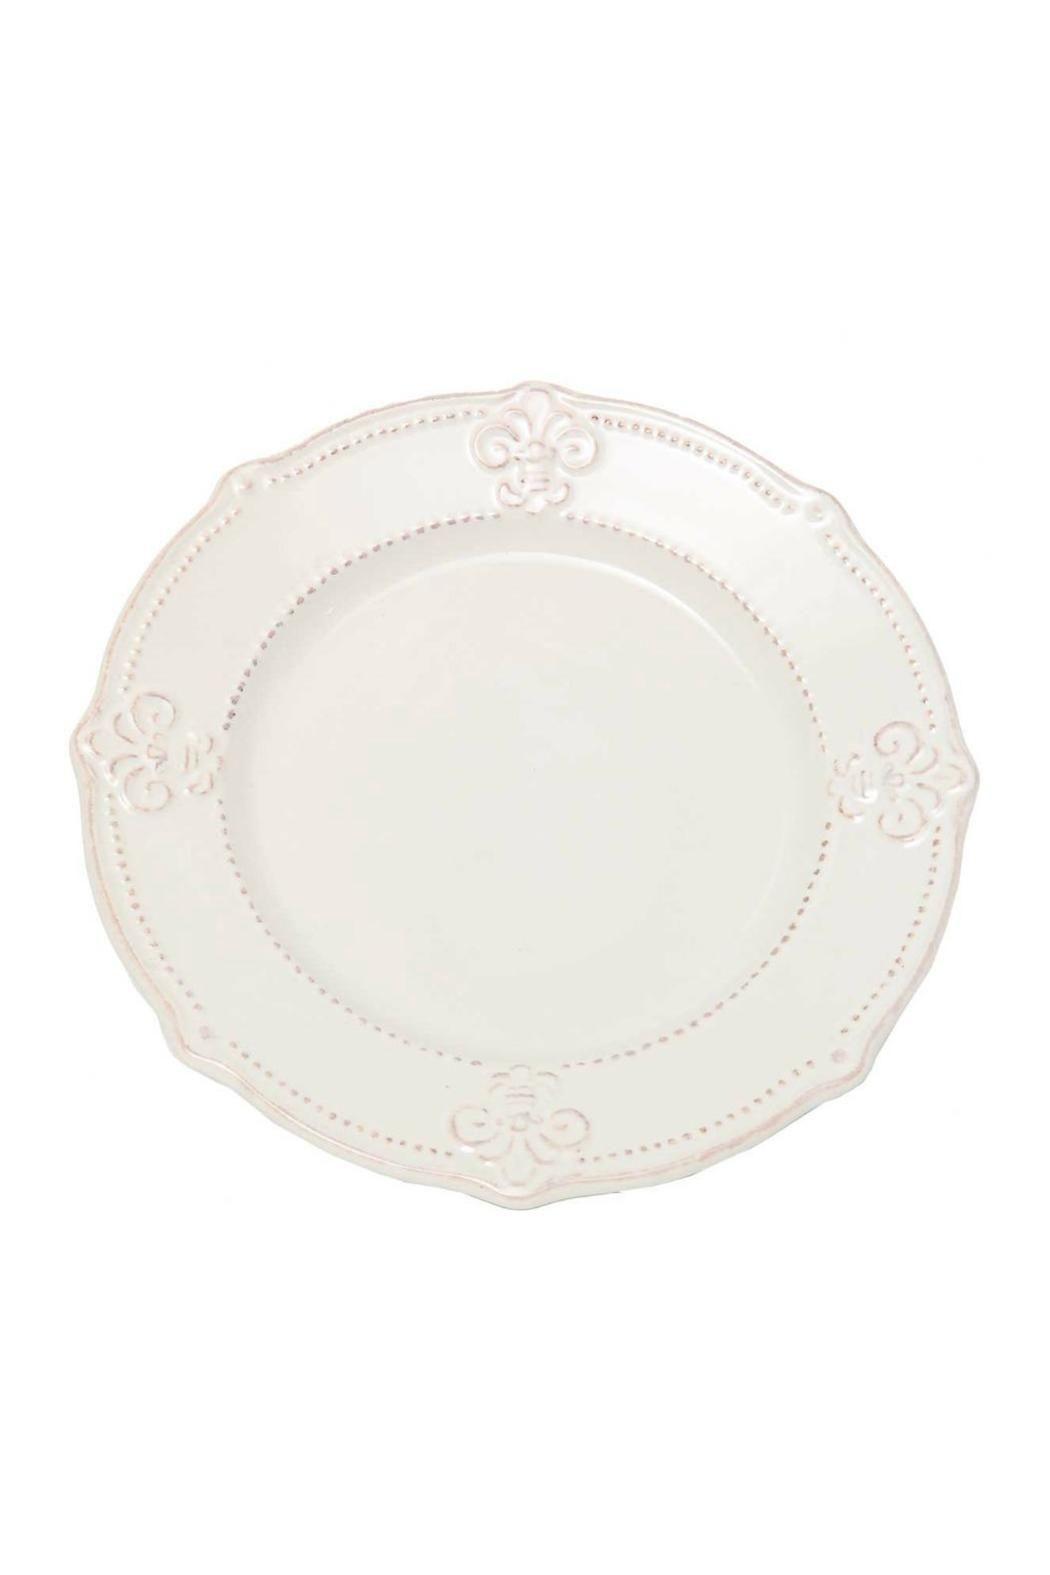 sc 1 st  Pinterest & Dinner Plate